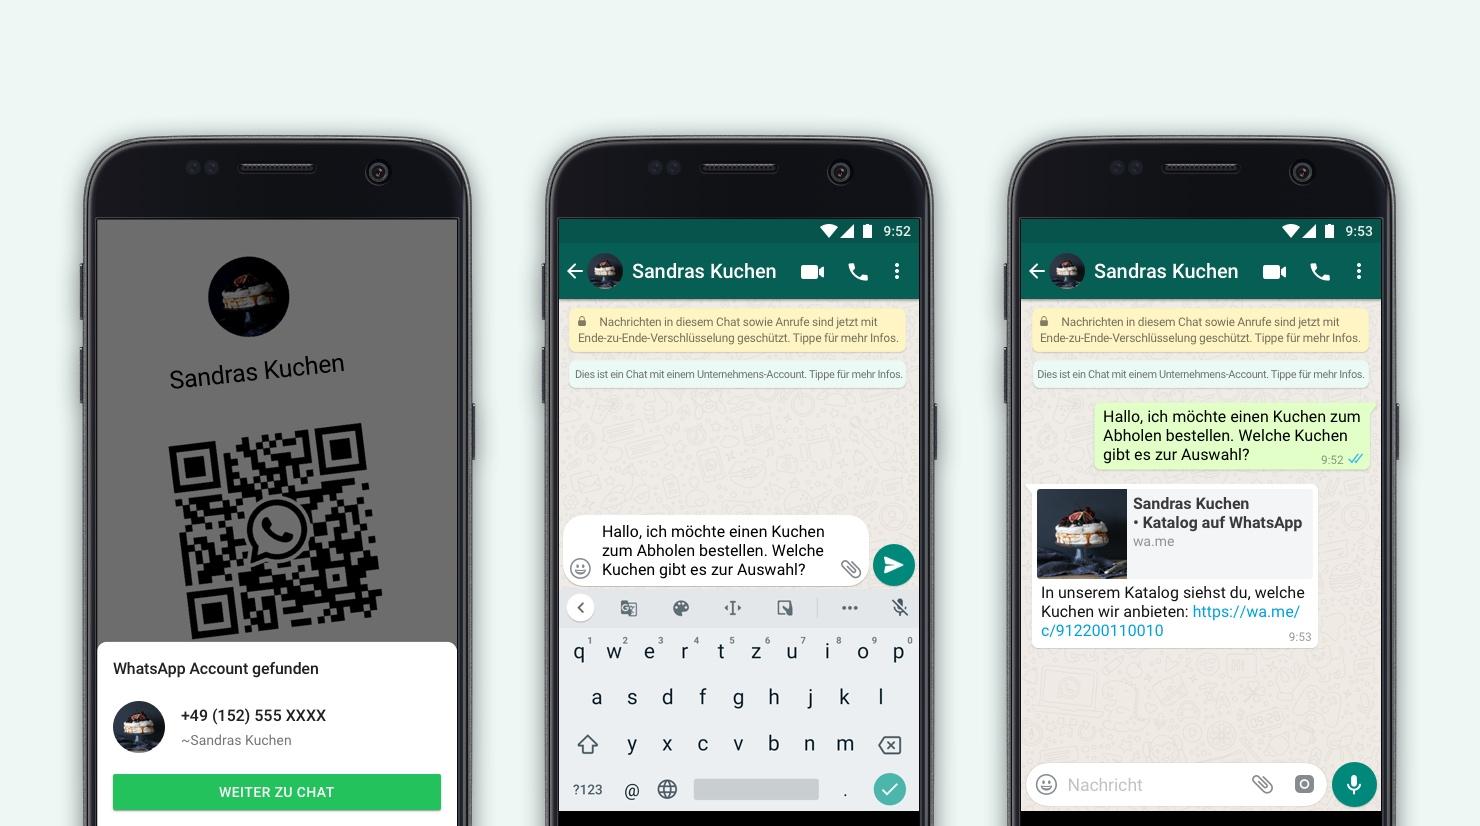 So einfach geht's – Über einen QR-Code kannst Du direkt mit dem Unternehmen chatten, ©WhatsApp